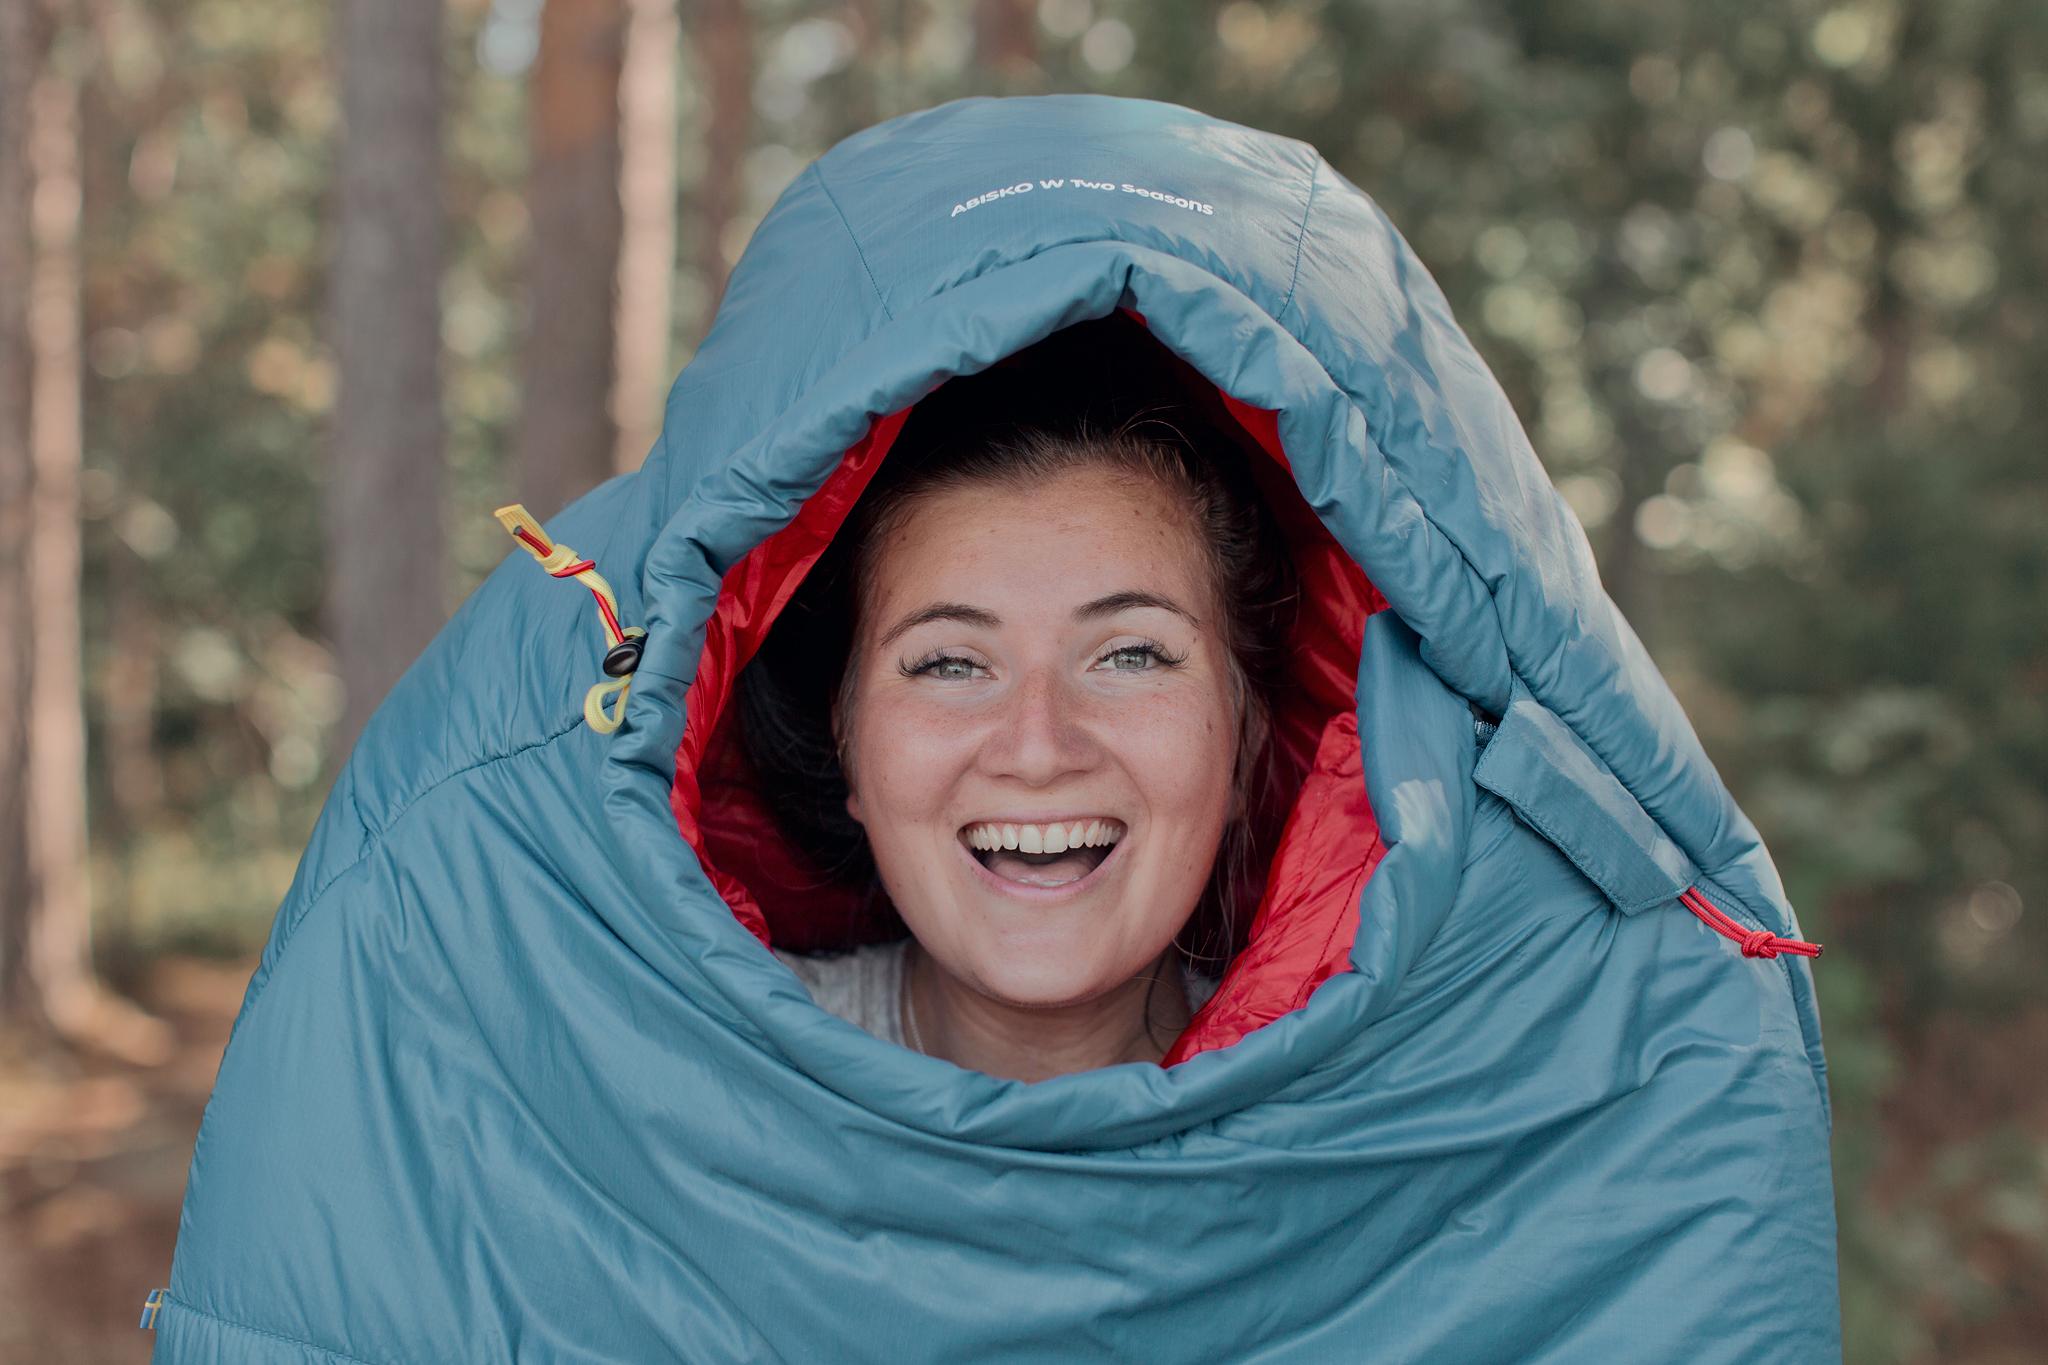 En nybörjarguide till att välja sovsäck